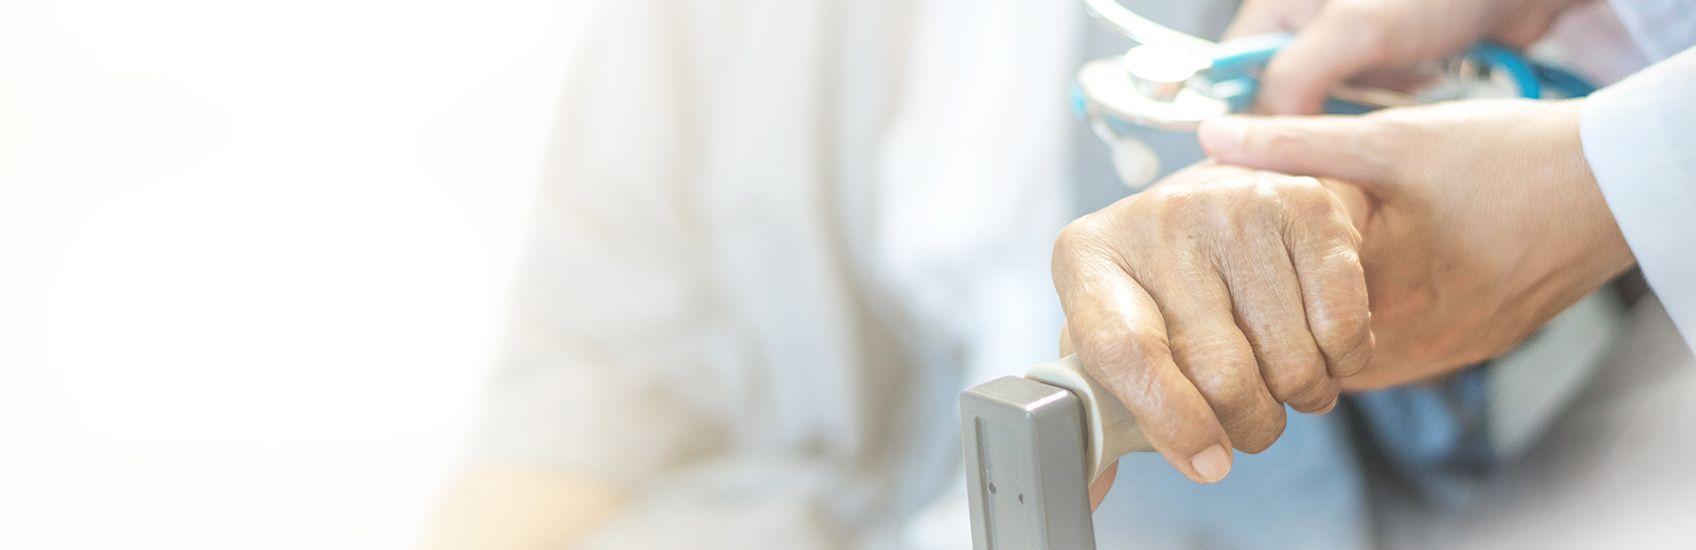 elderly-patient-beig-helped-by-doctor